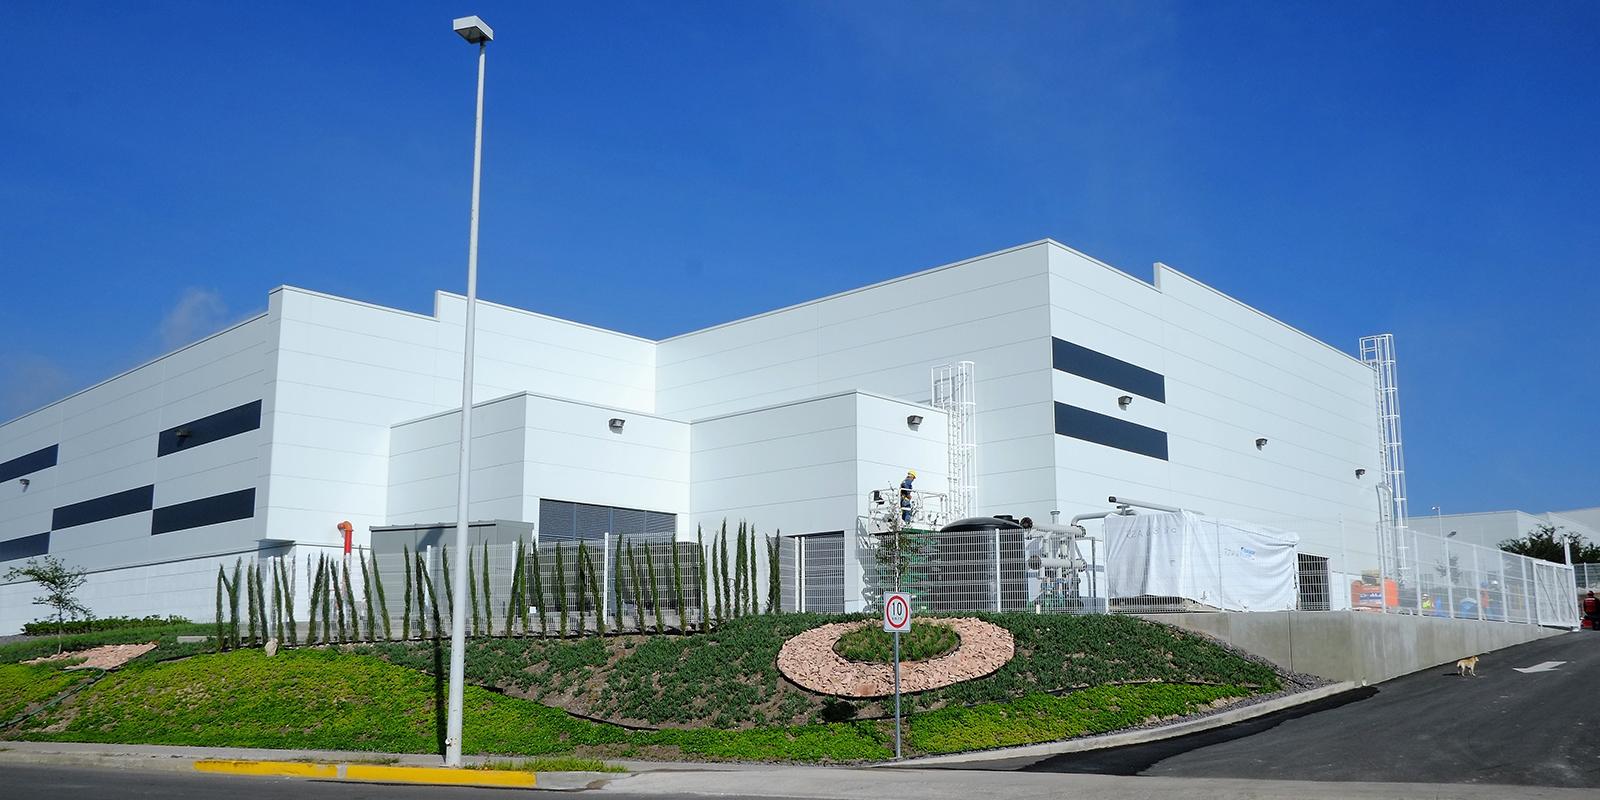 Hemos iniciado la producción en México con la garantía de la máxima calidad image, Itasa.